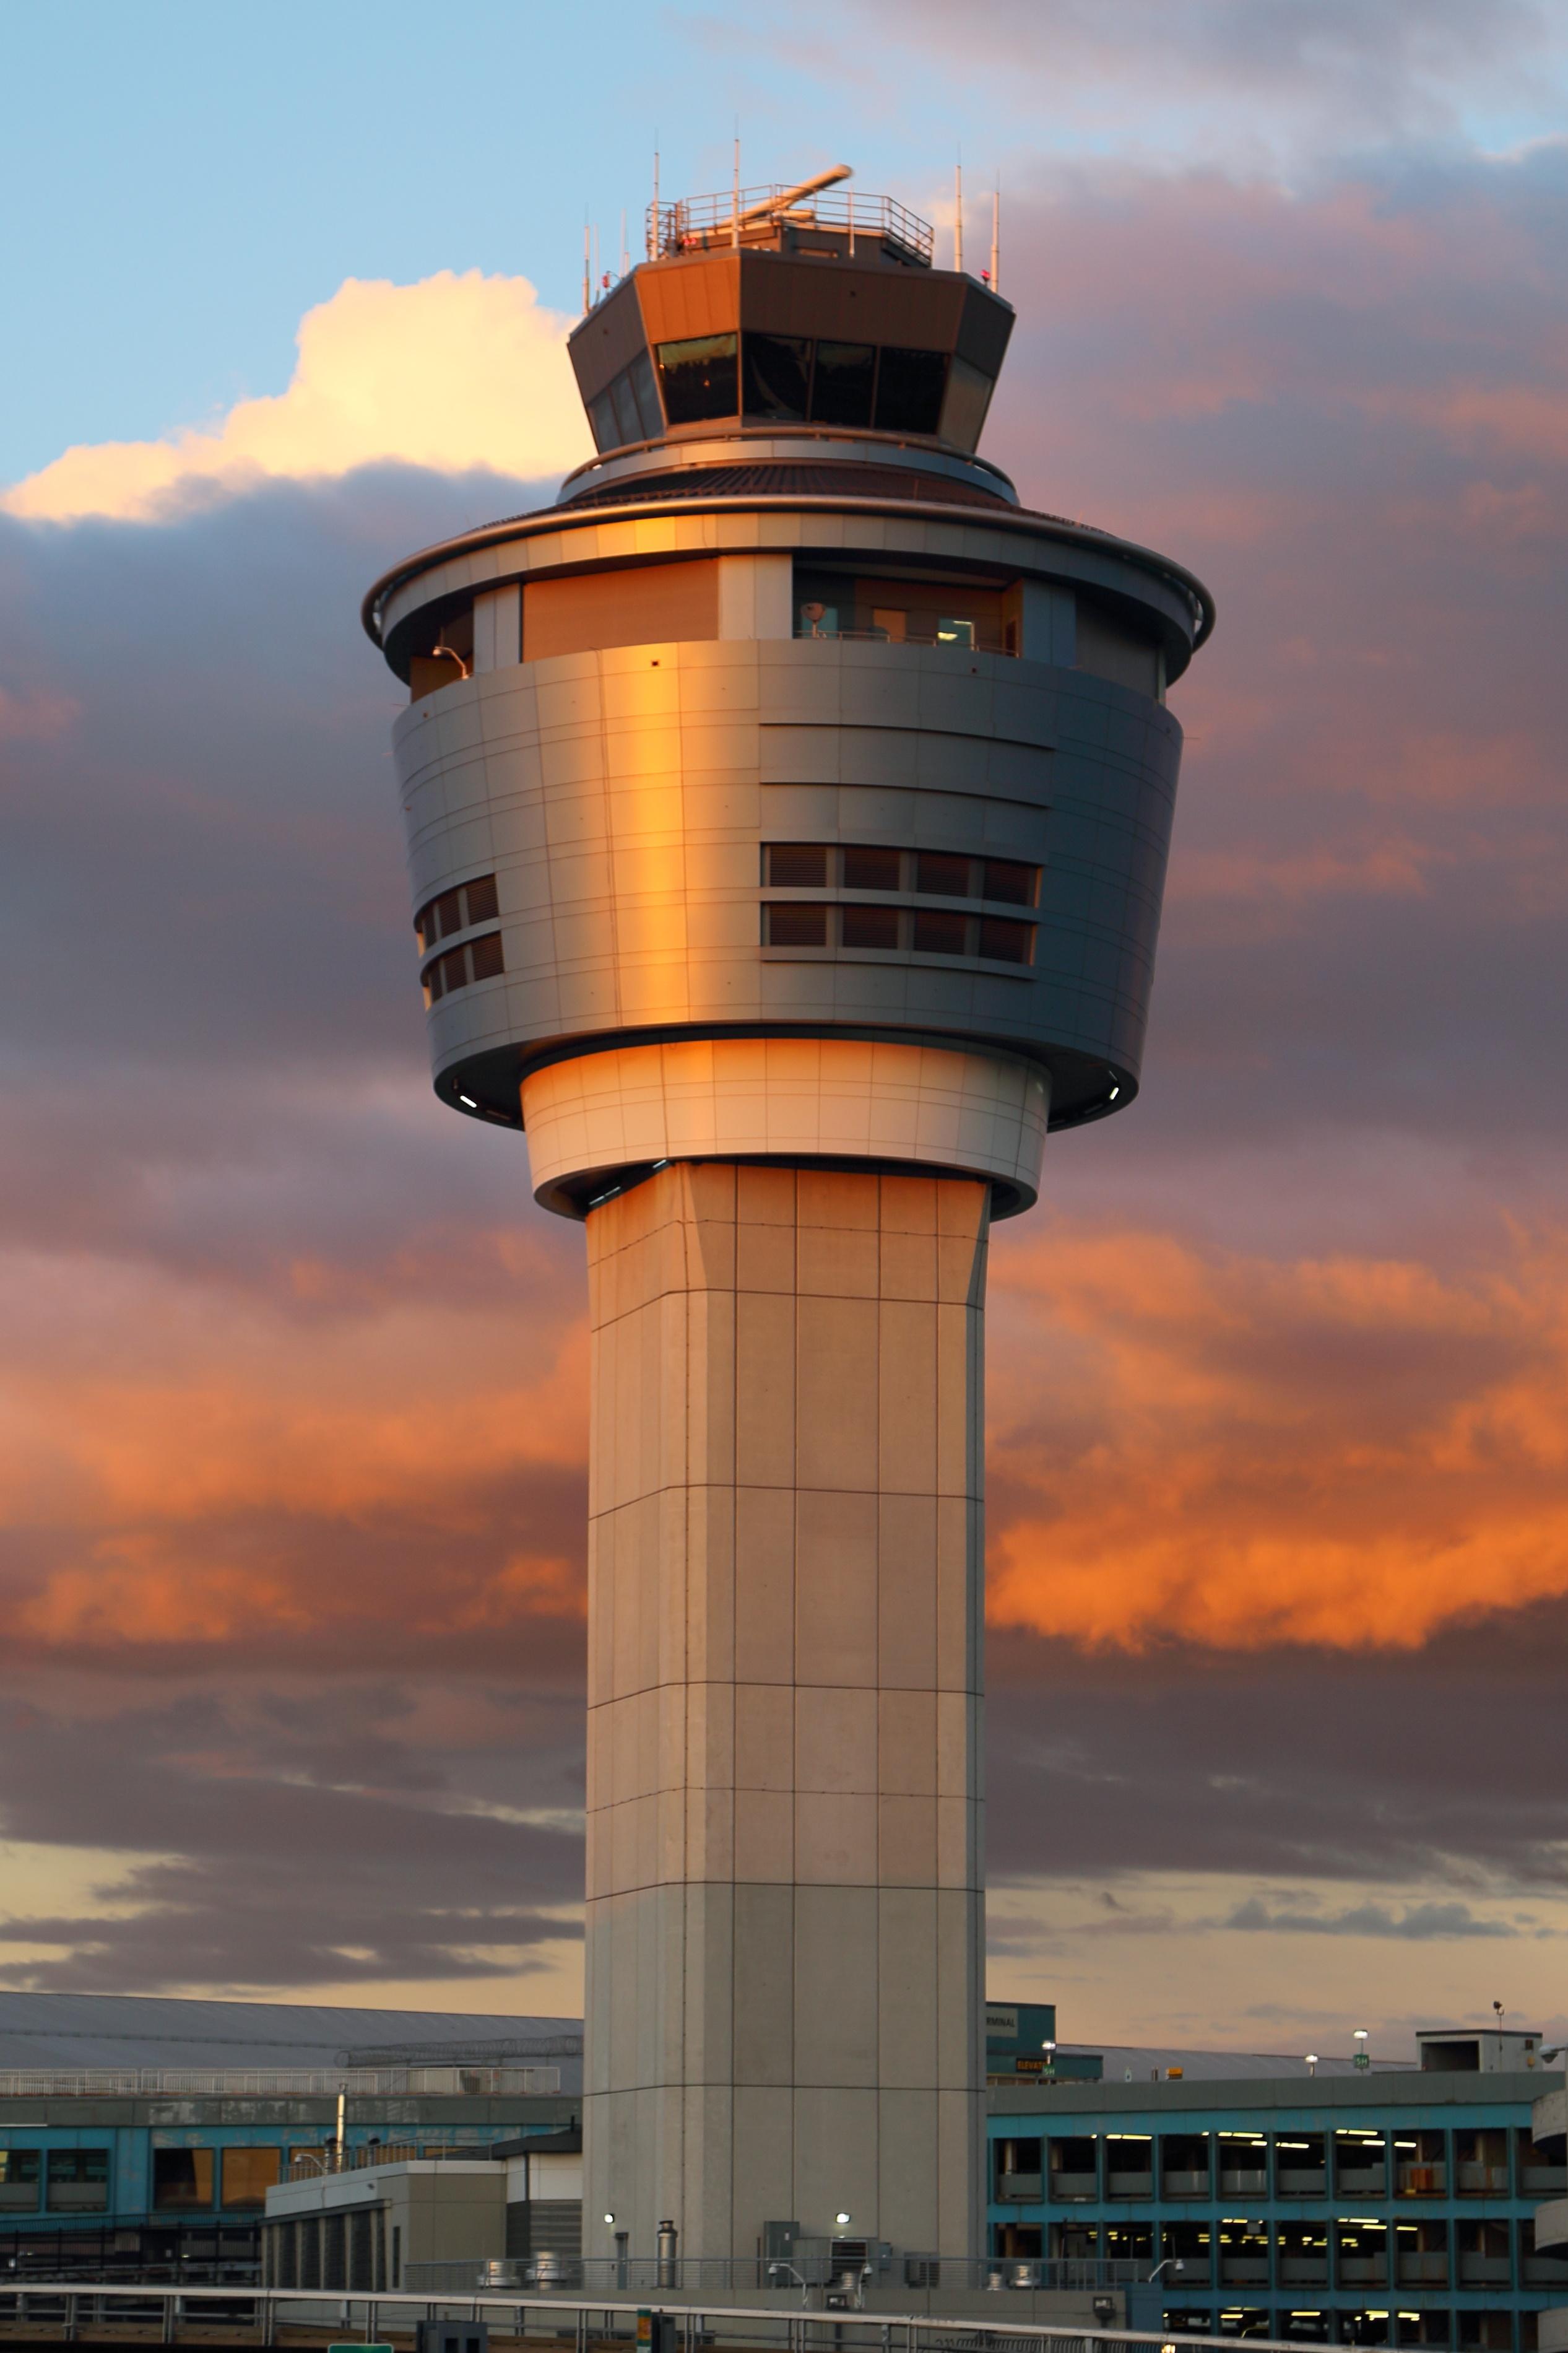 LaGuardia Airport, New York